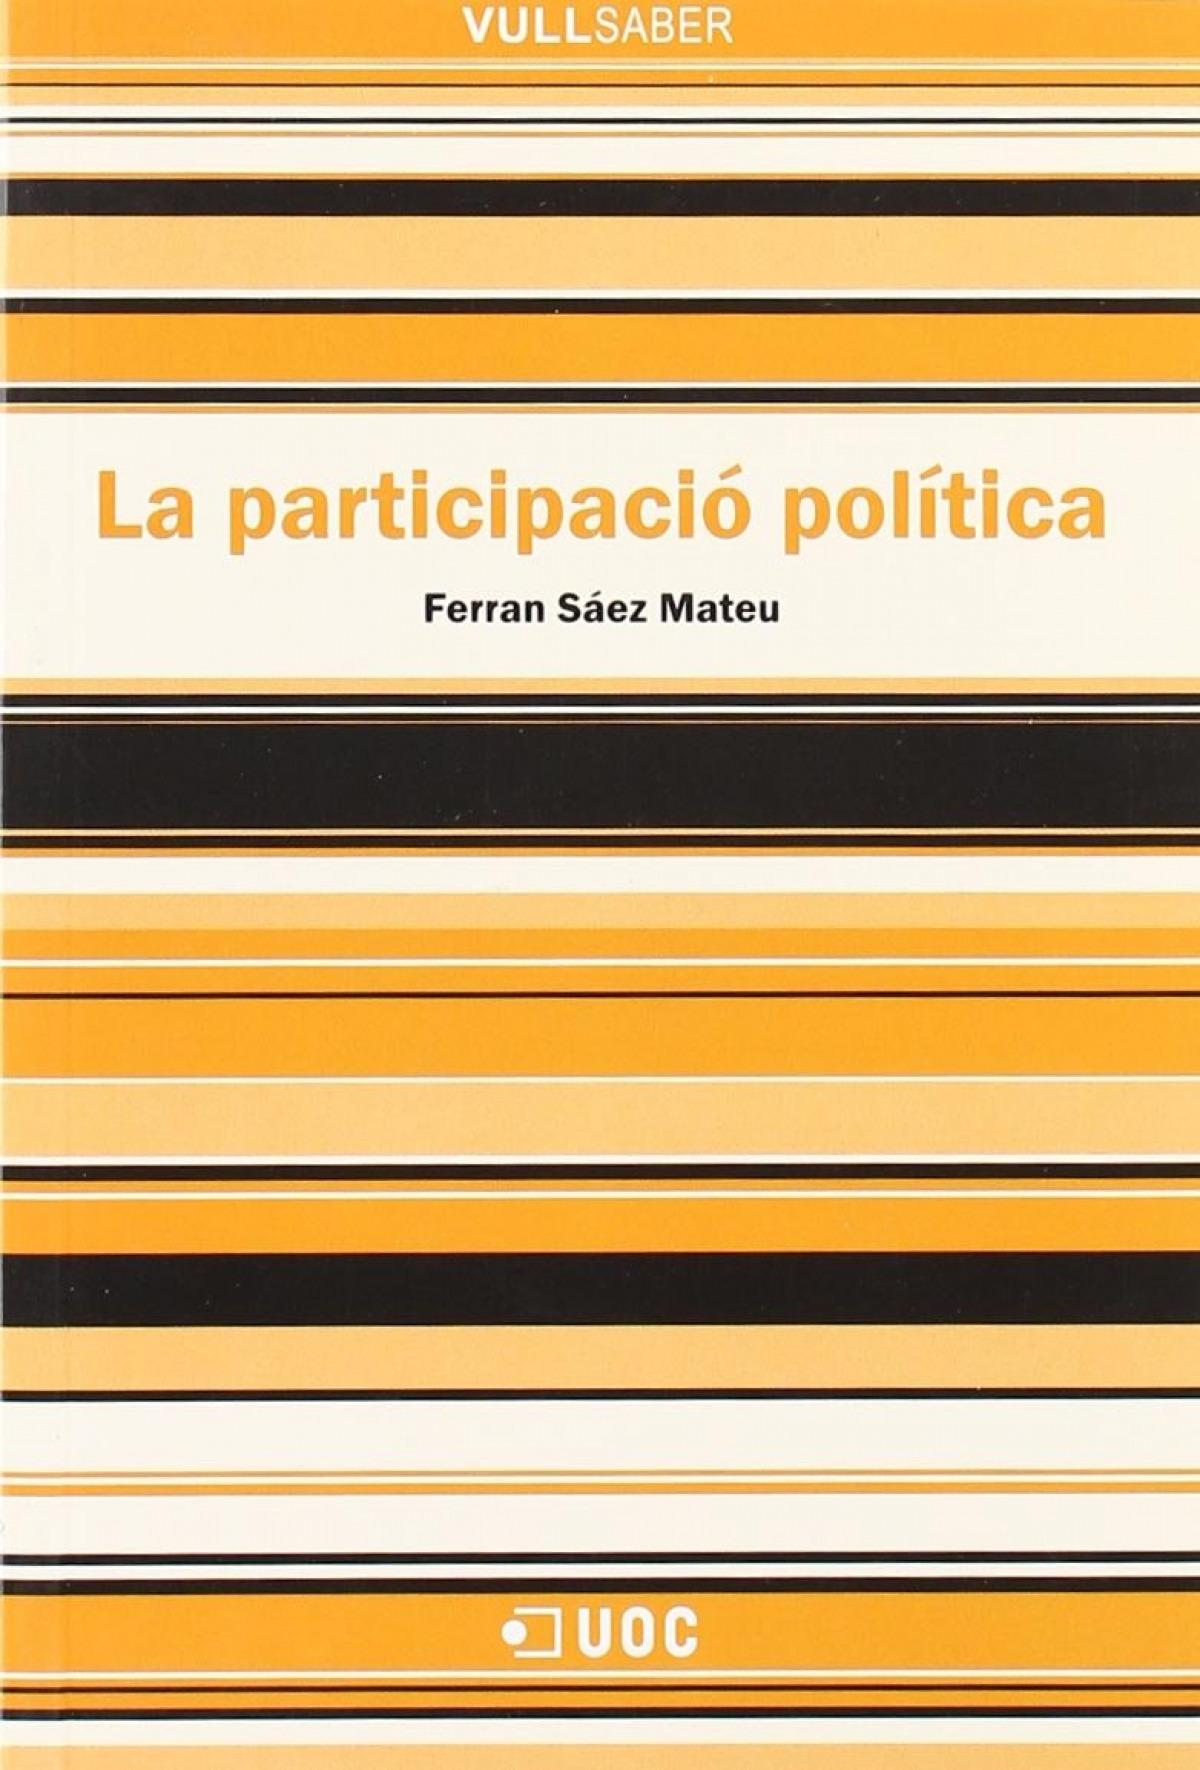 La participació política - Sáez Mateu, Ferran